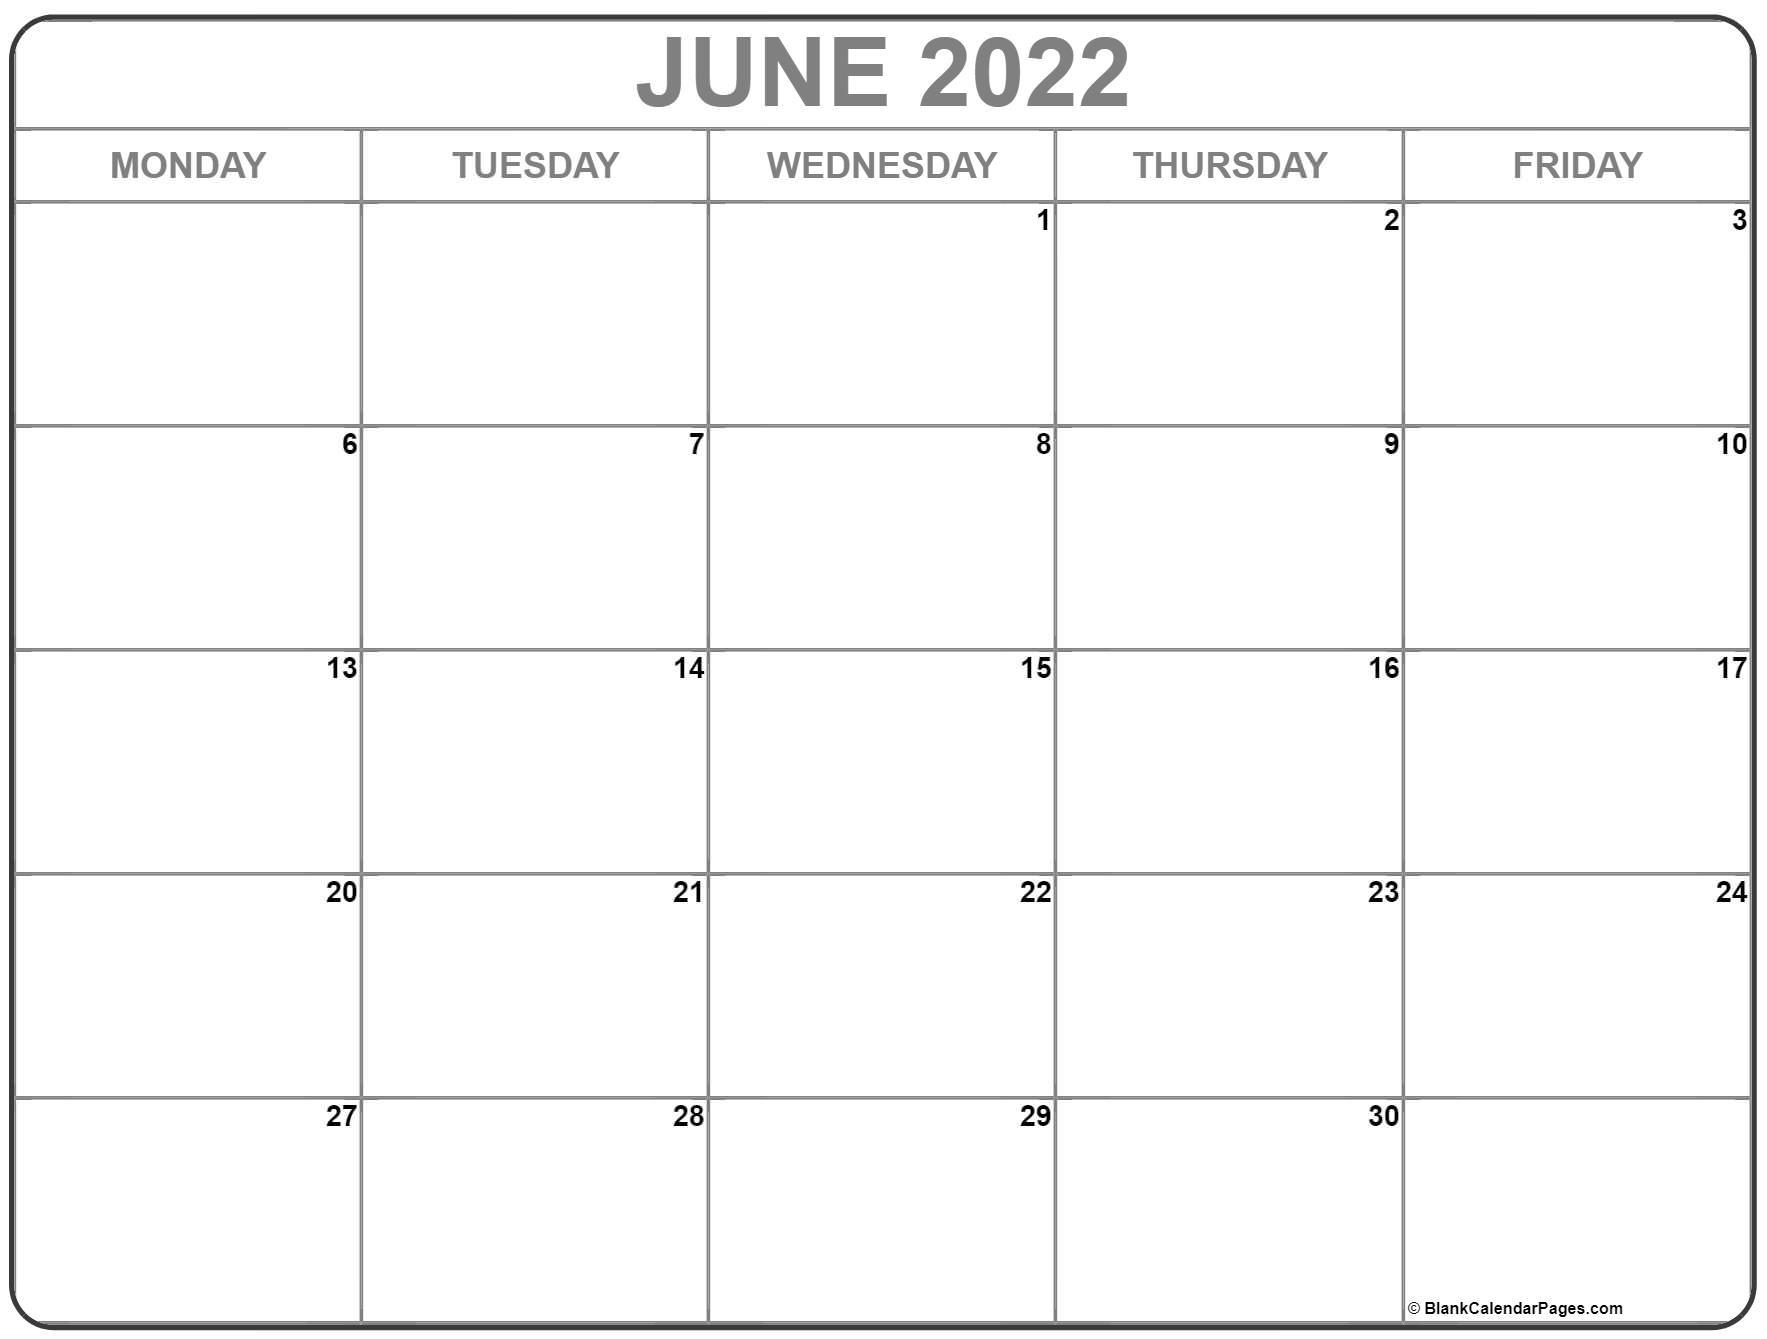 June 2022 Monday Calendar